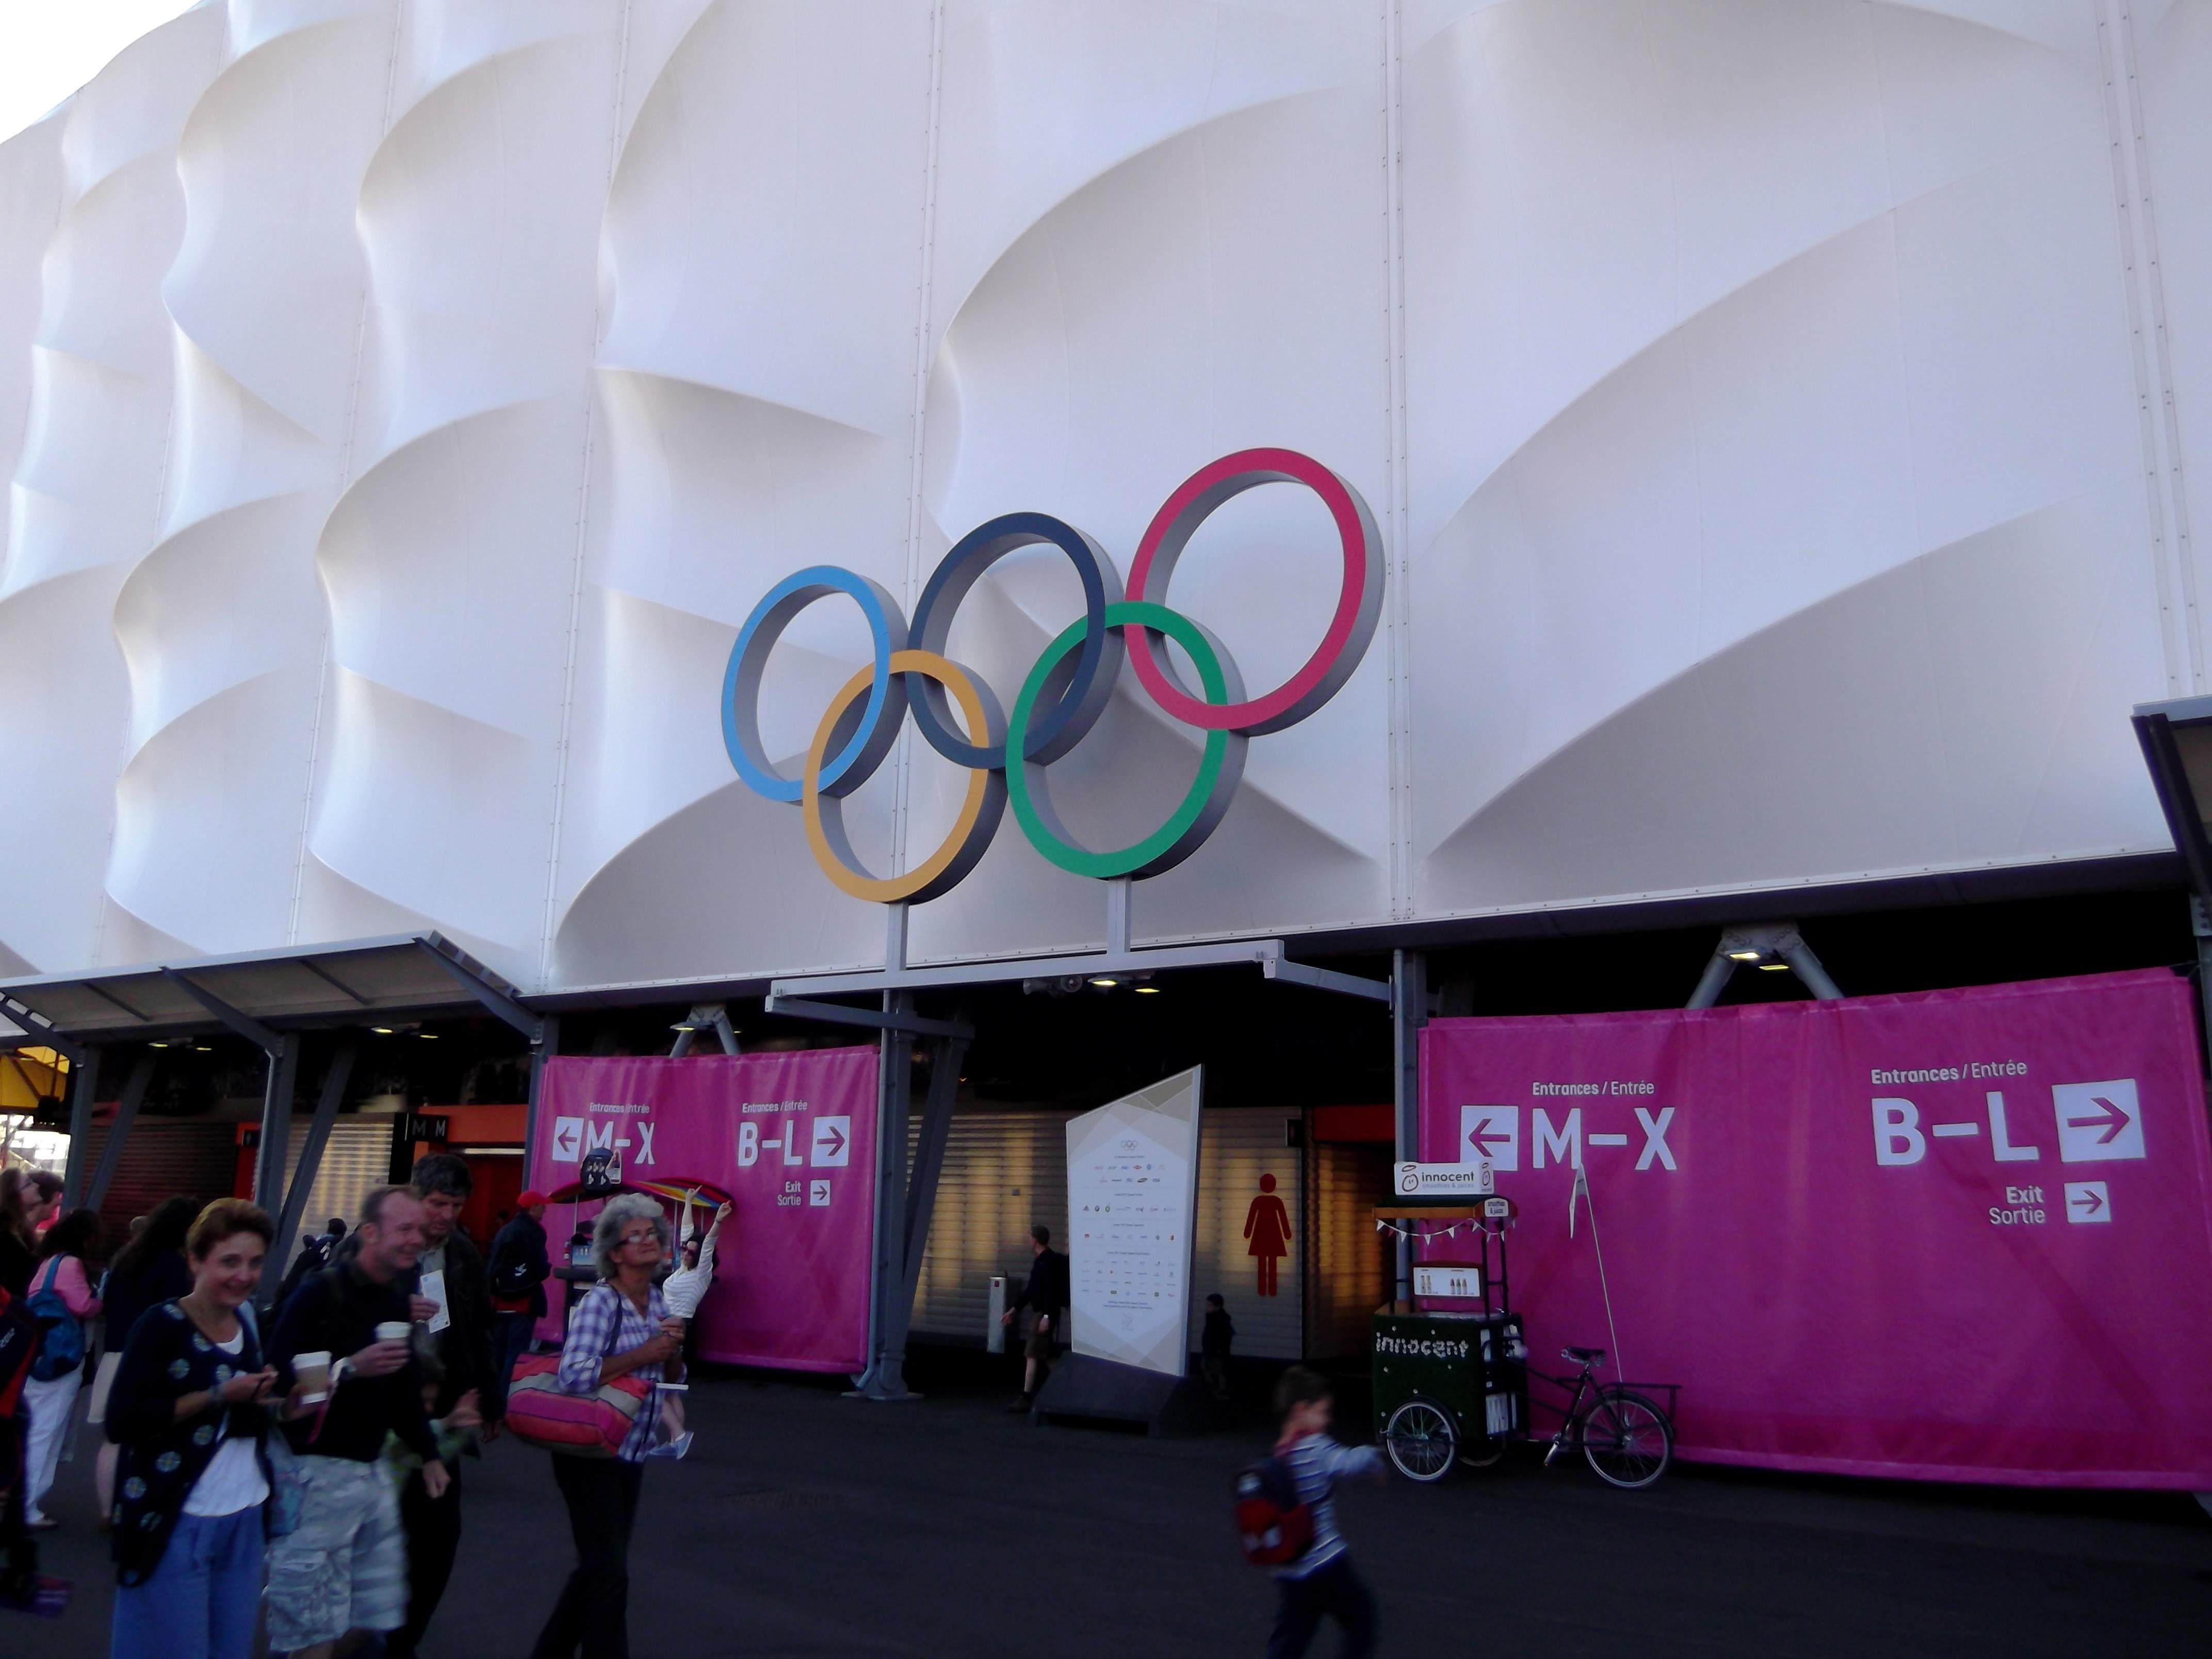 filelondon 2012 olympics 043 basketball arena 7683005402